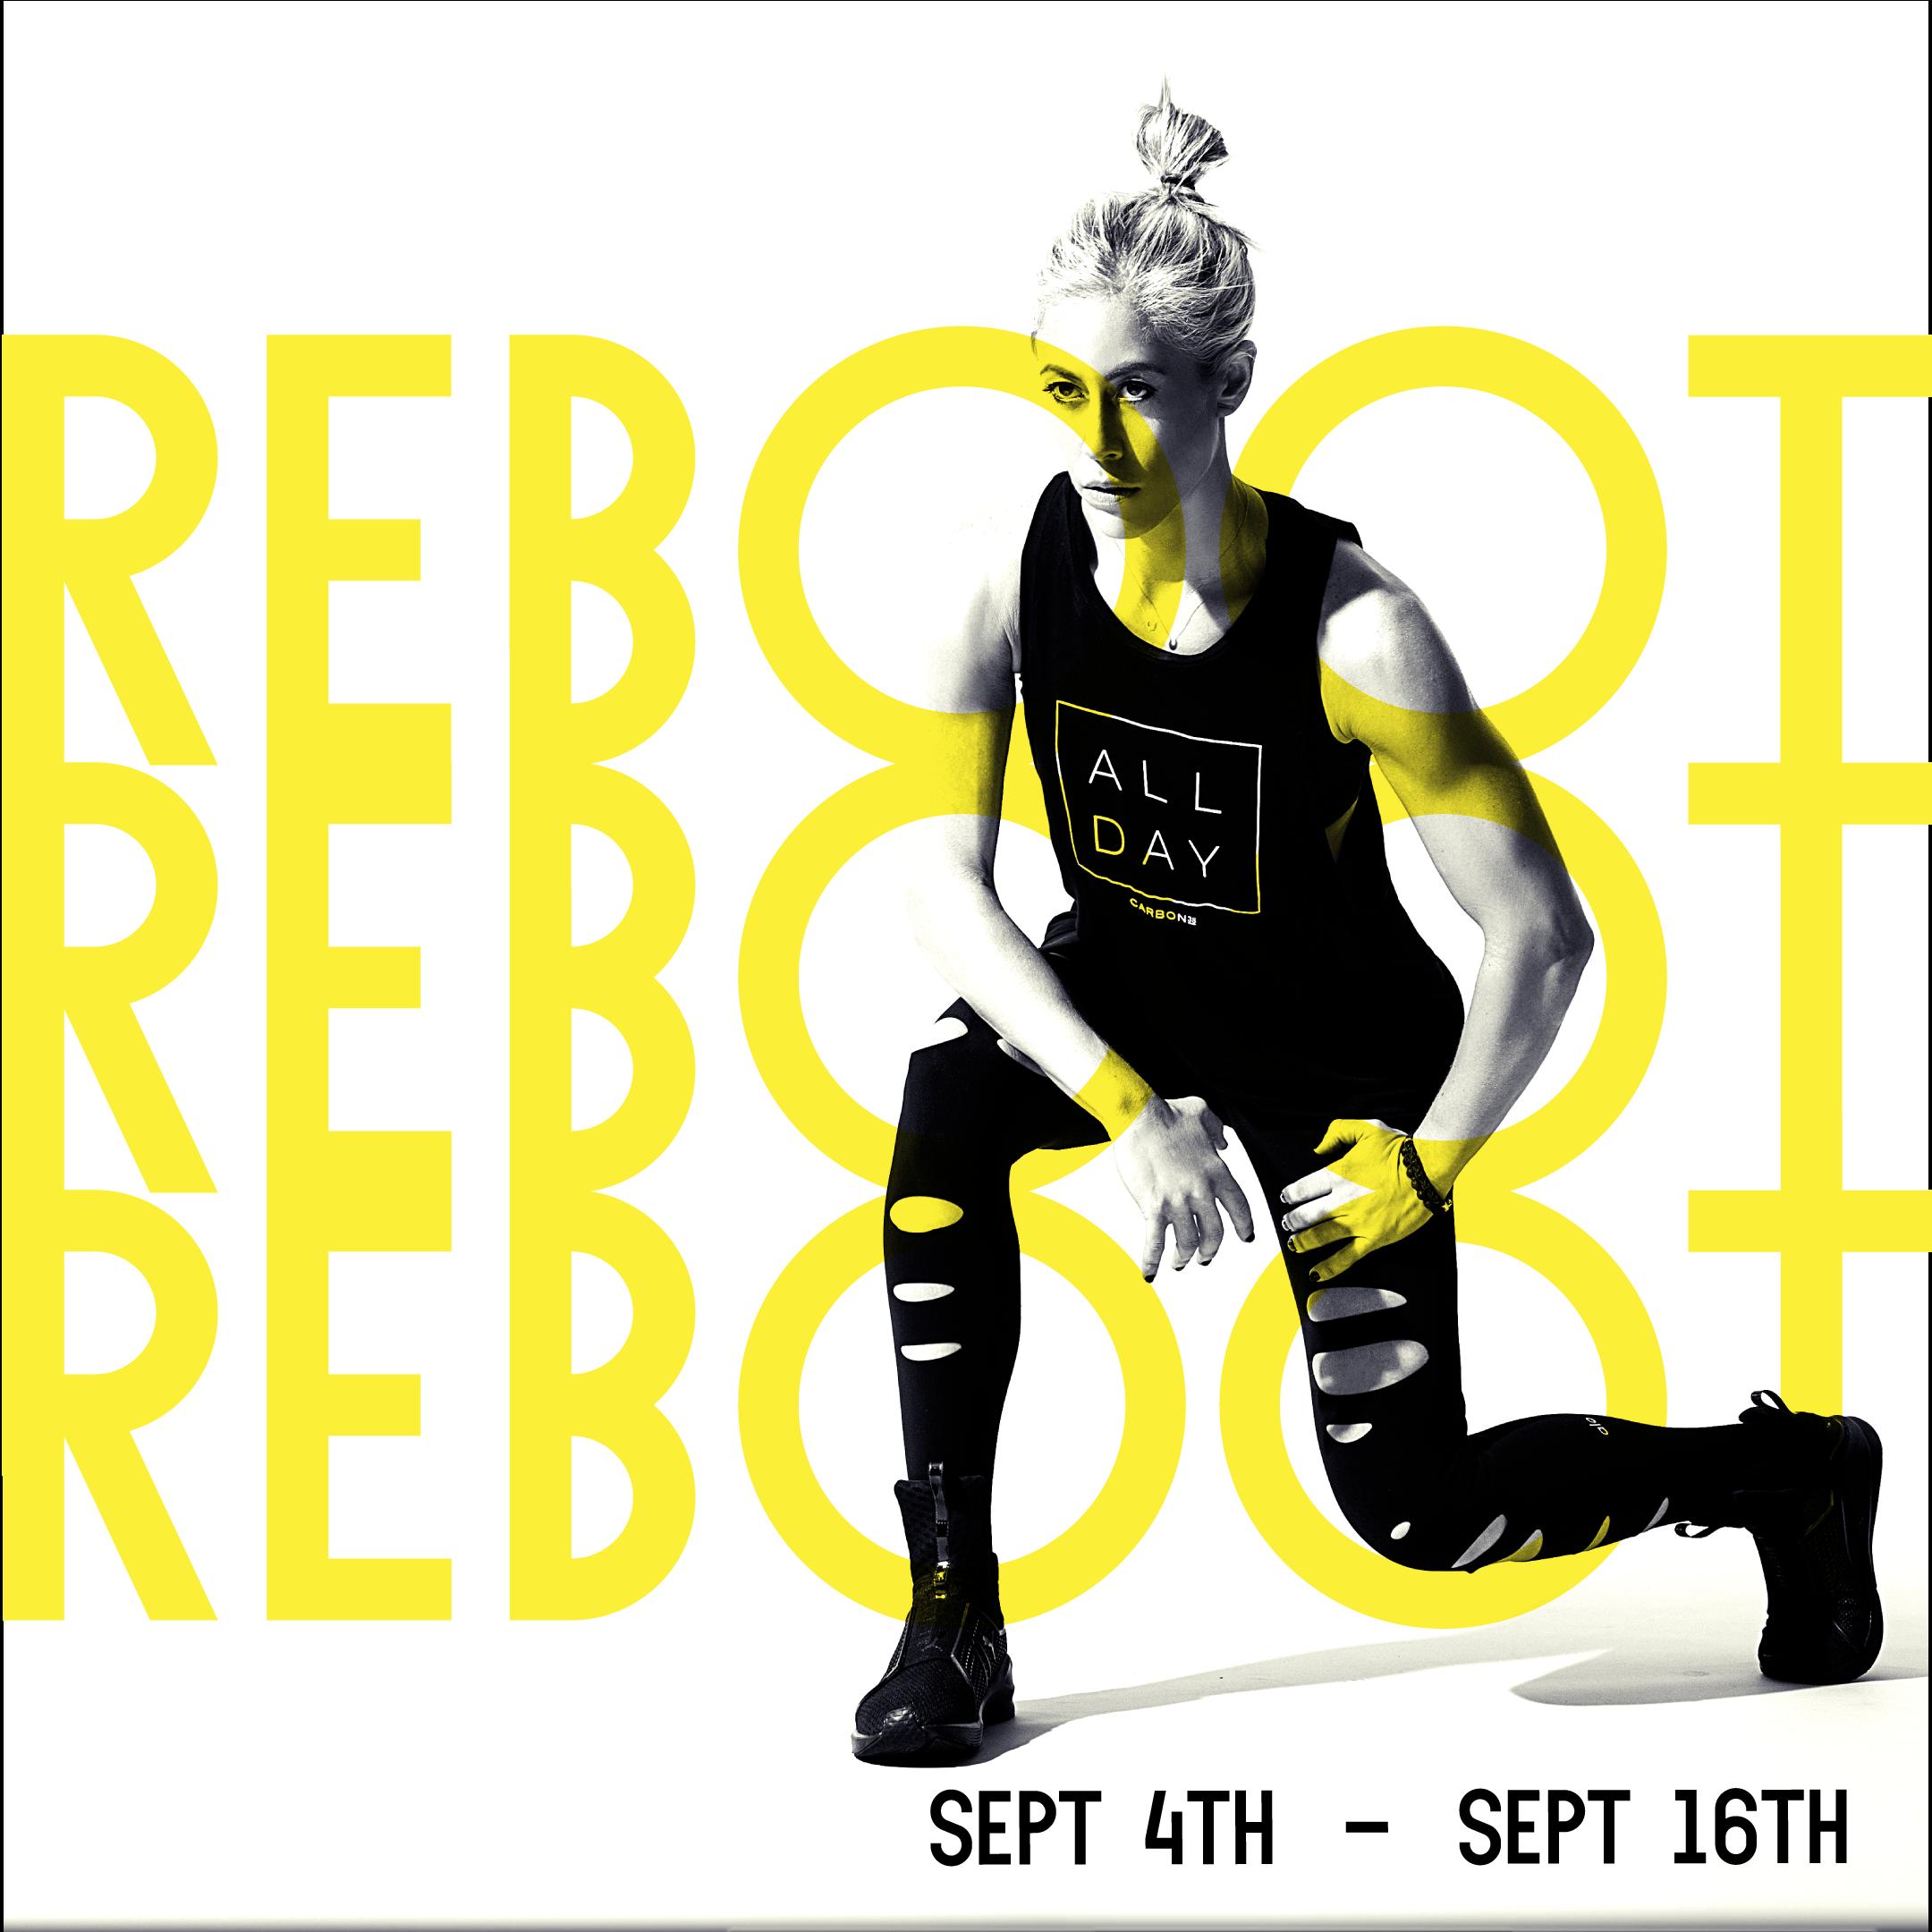 LSF_reboot_Sept2017Instagram@2x